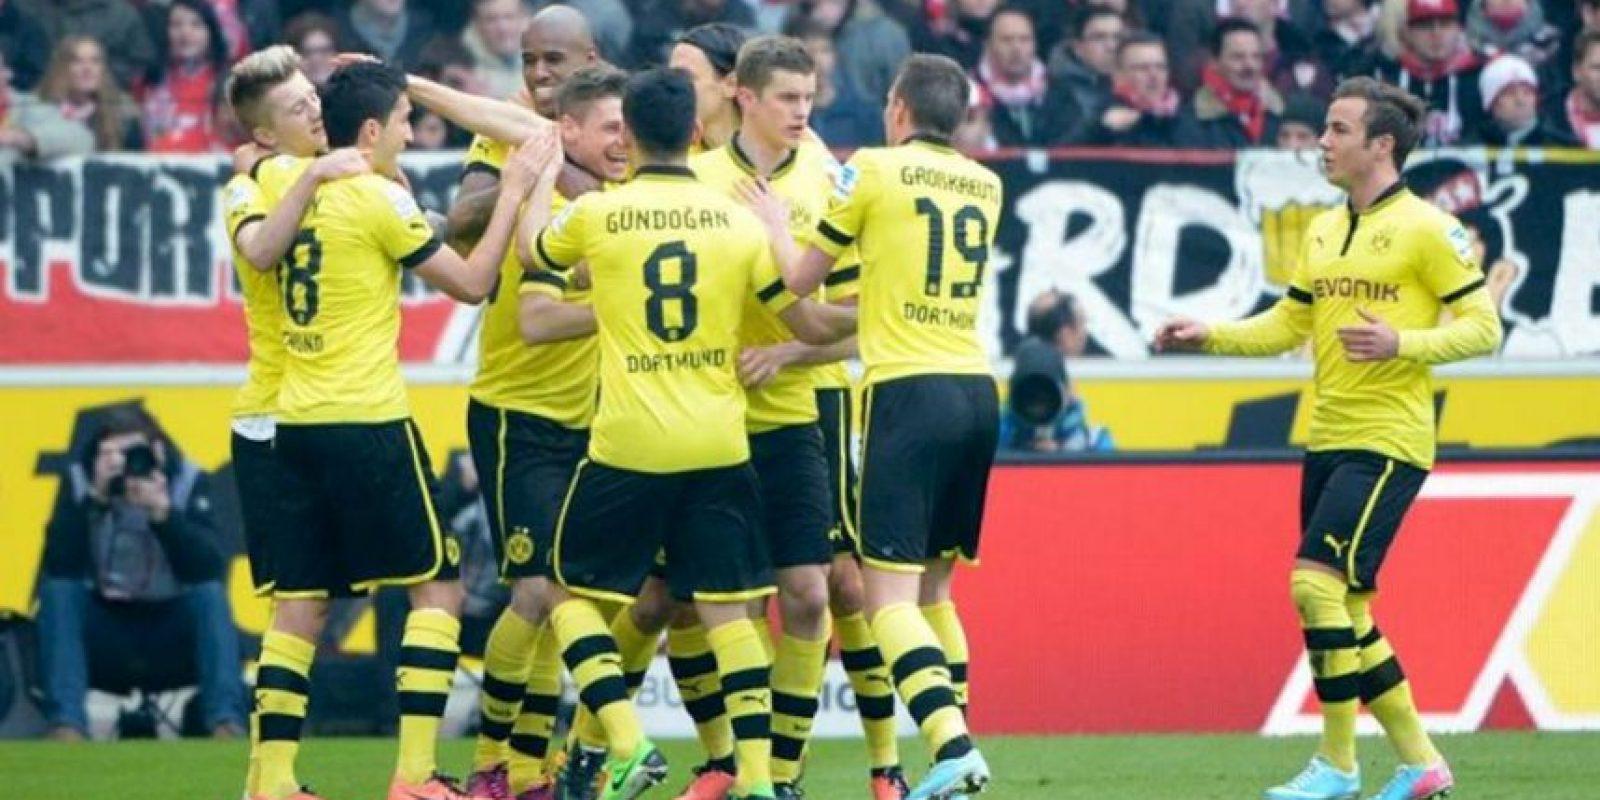 Los jugadores del Dortmund celebran uno de los dos goles que han dado el triunfo al equipo de amarillo en el Mercedes Benz-Arena de Stuttgart, Alemania. EFE